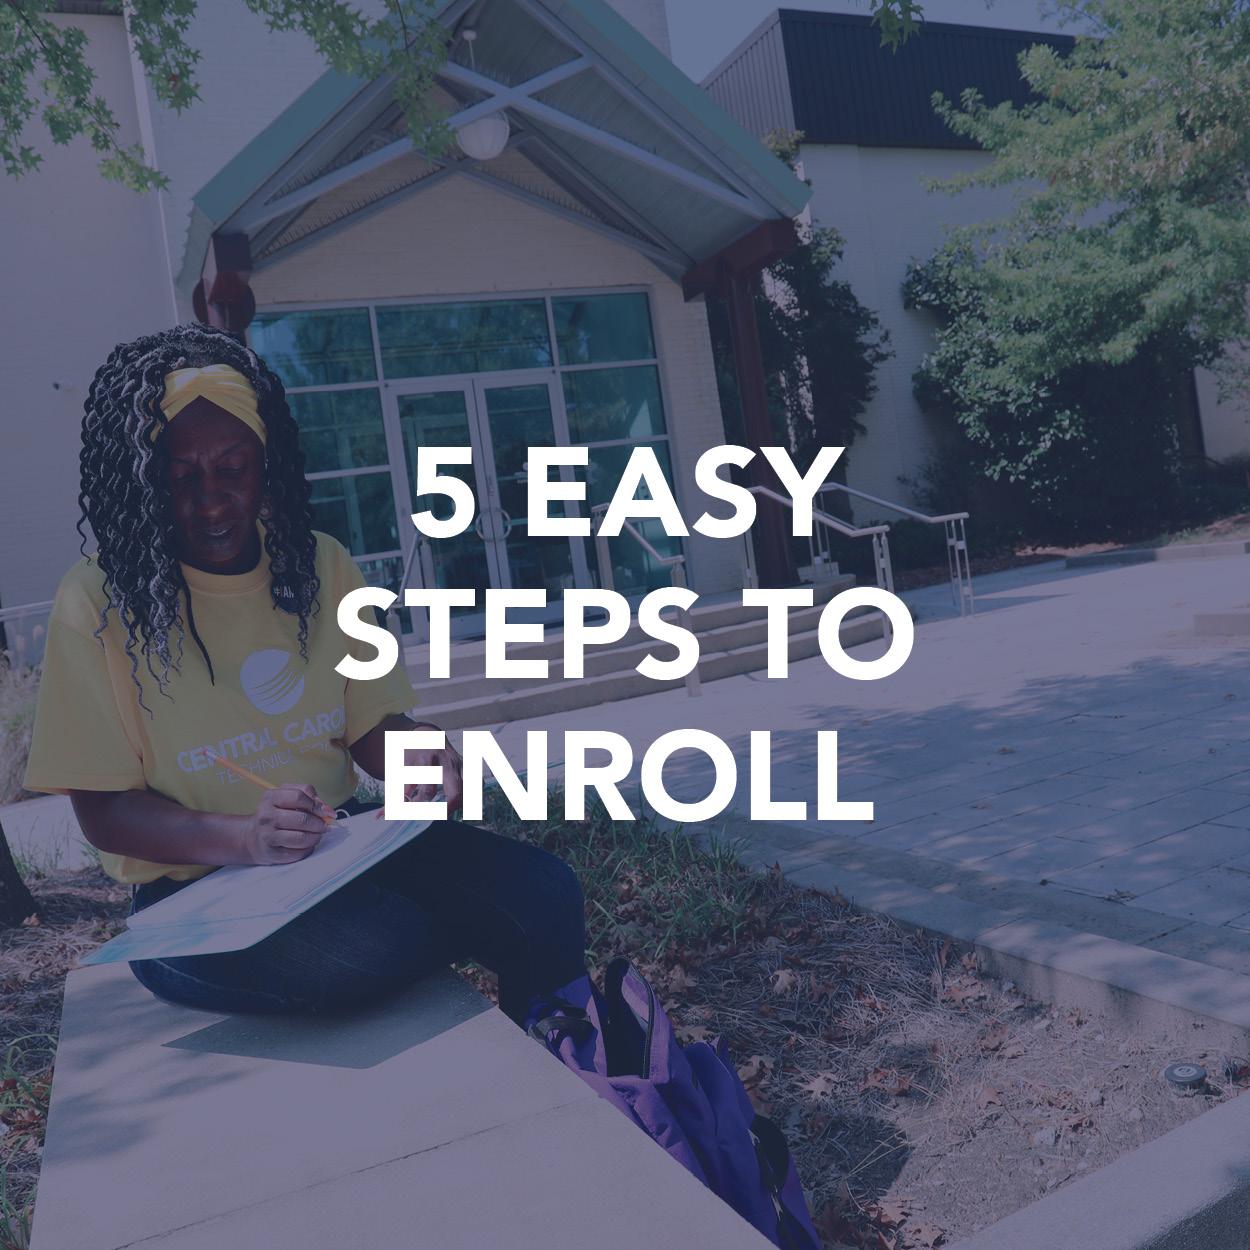 5 Easy Steps to Enroll